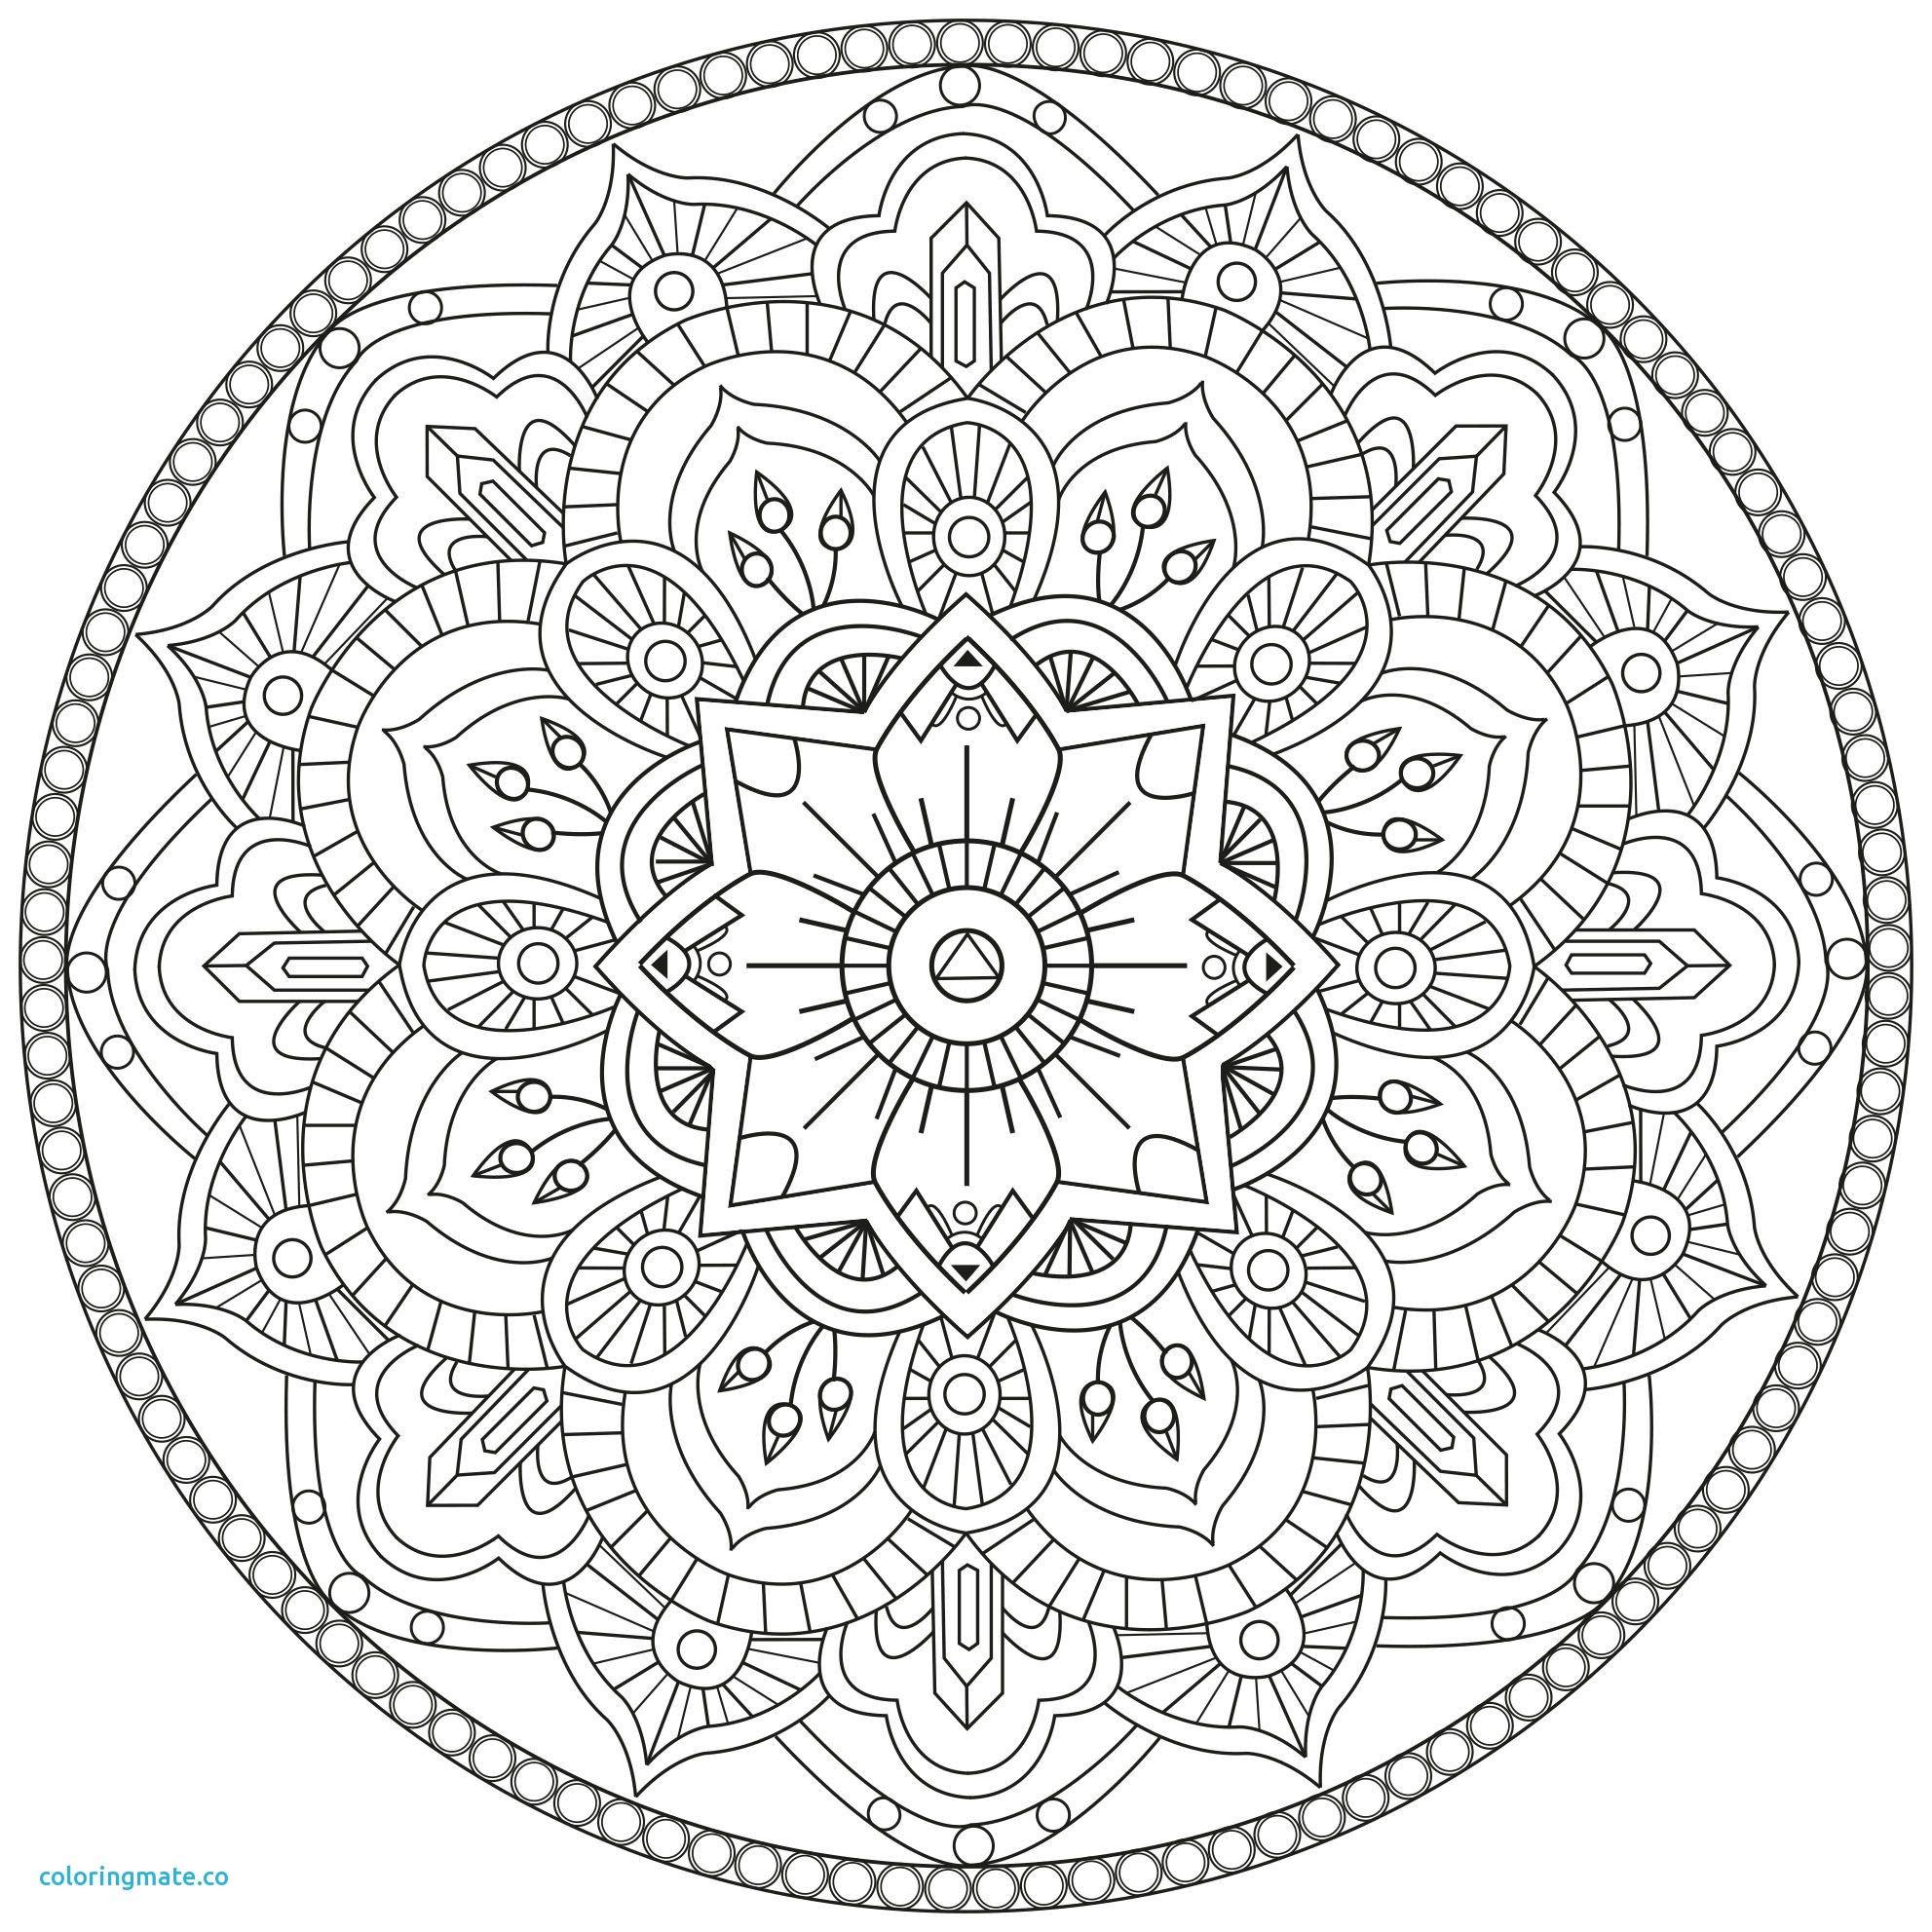 Pin On Mandalas Zentangle Doodle Il N Y A Pas D Age Pour Faire Des Mandalas